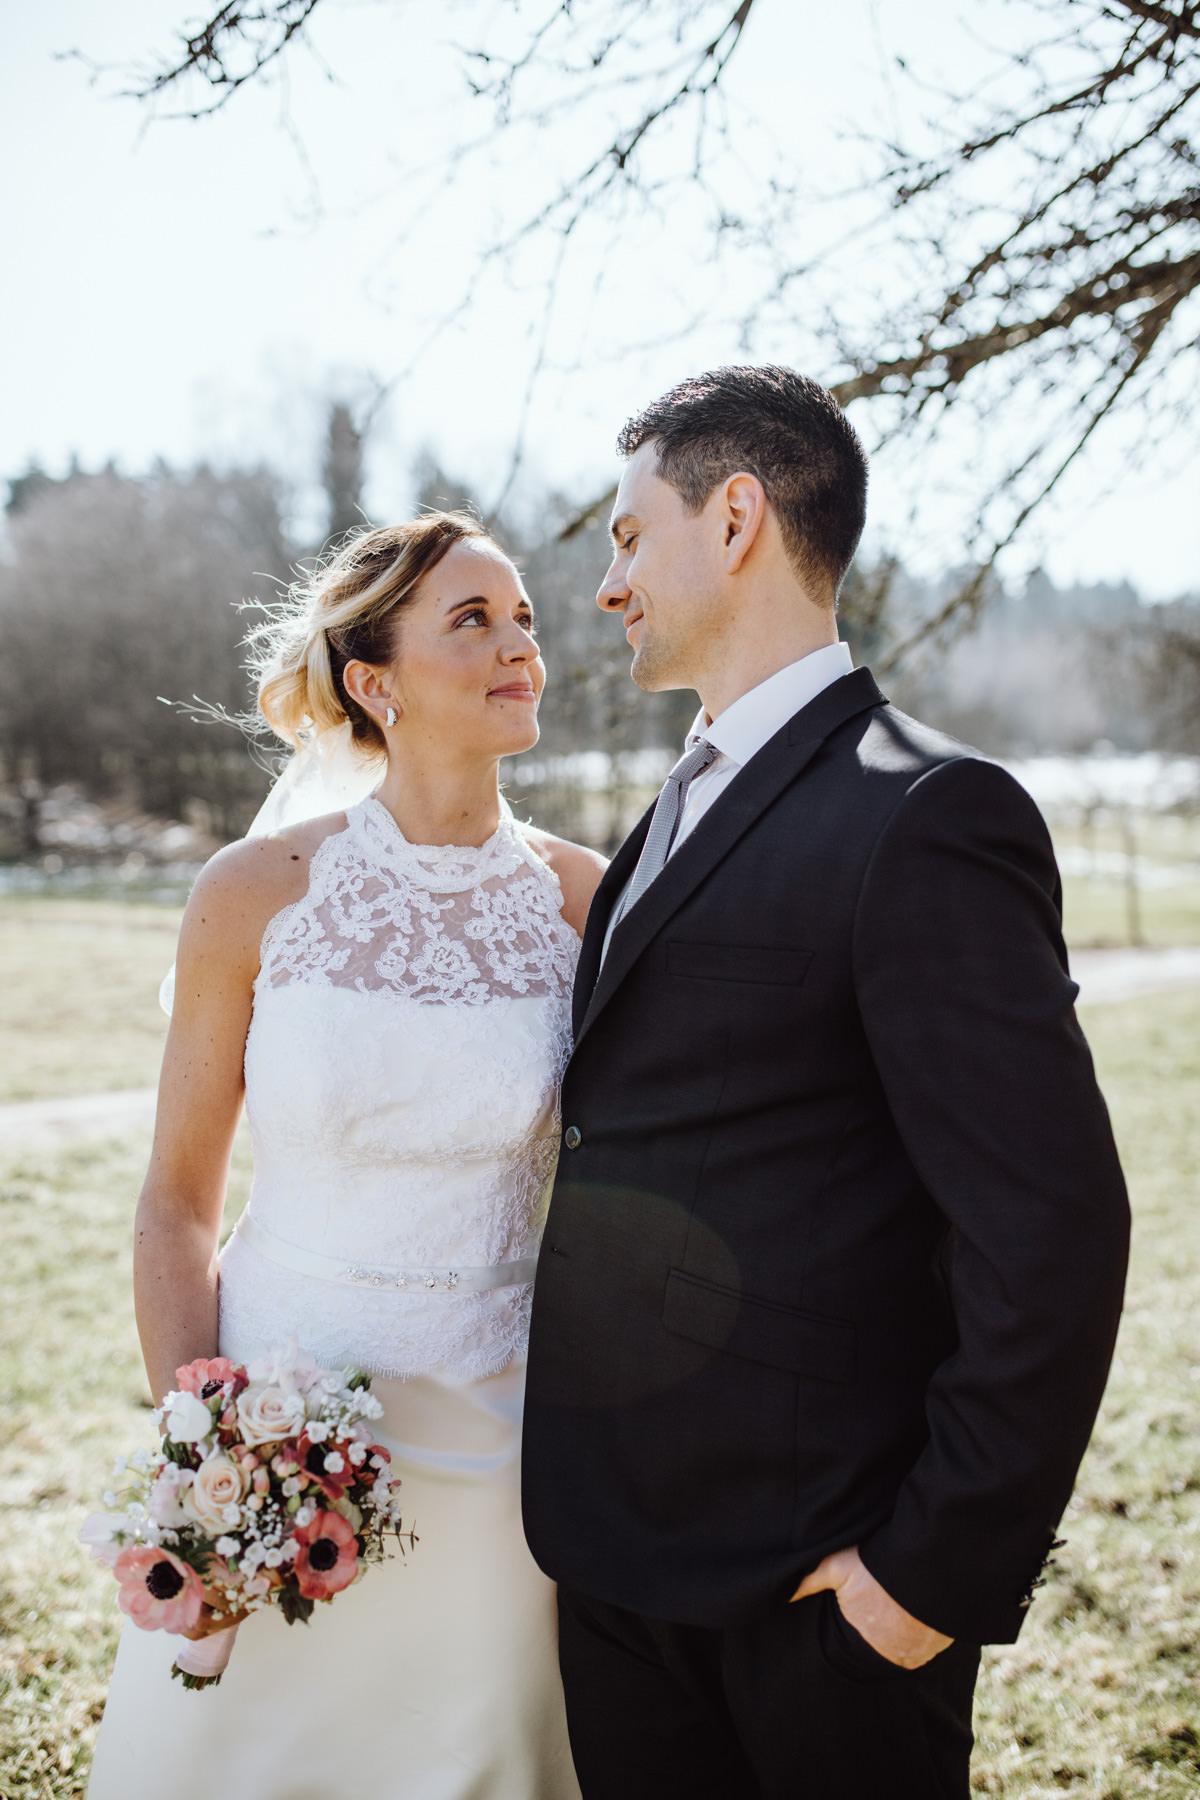 hochzeitsfotografie karlsruhe afterwedding fotoshooting